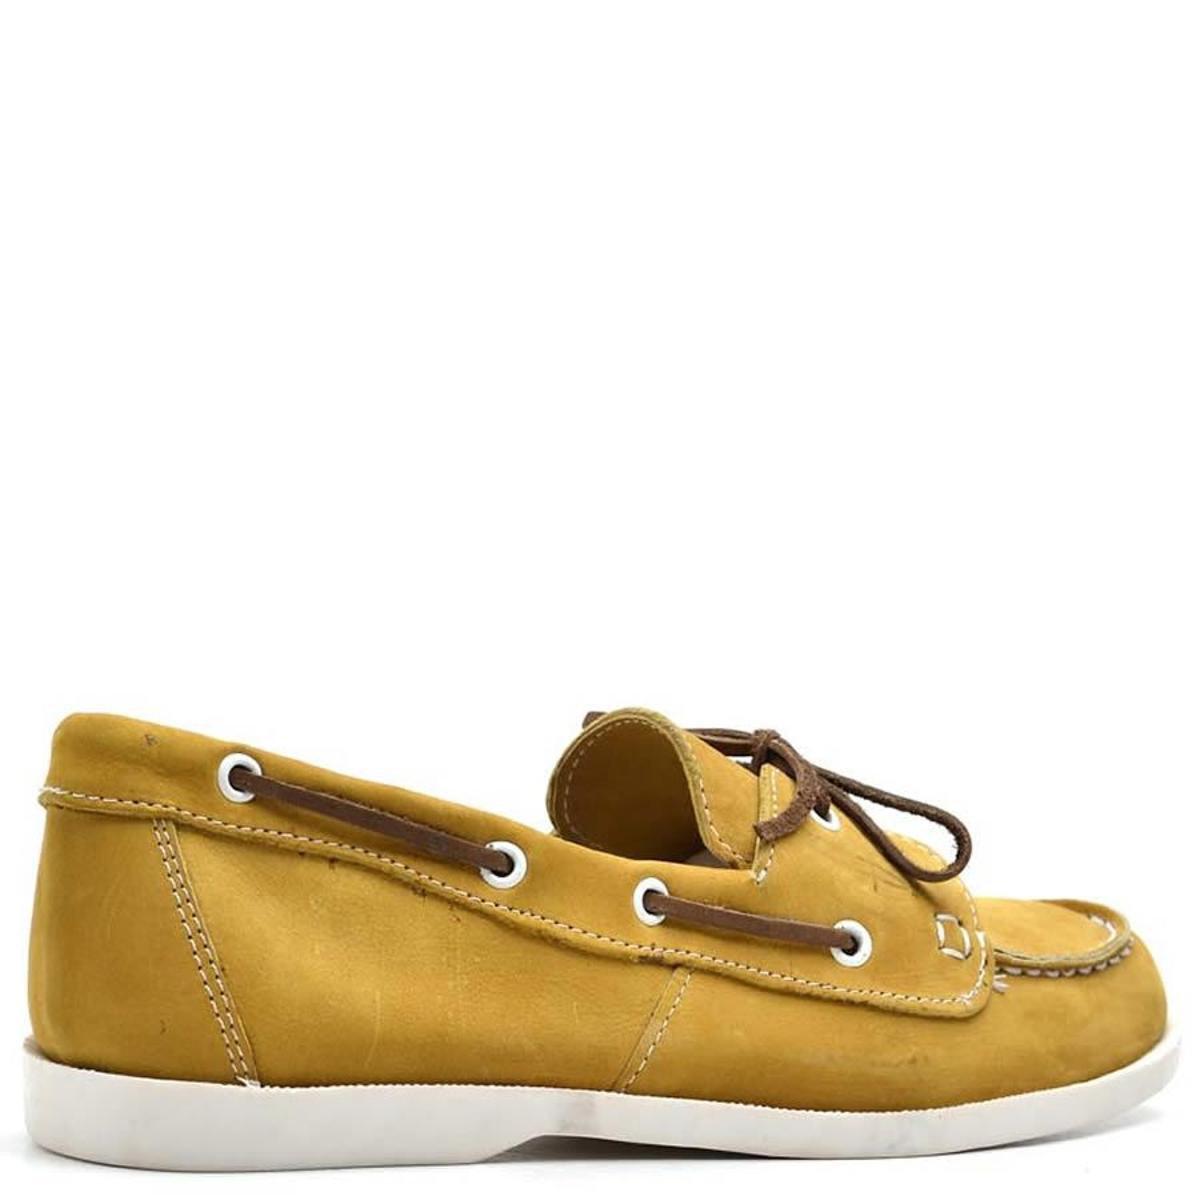 Amarelo Mocassim Shoes Casual Top Franca Shoes Mocassim Masculino Franca Top q6zOZx4